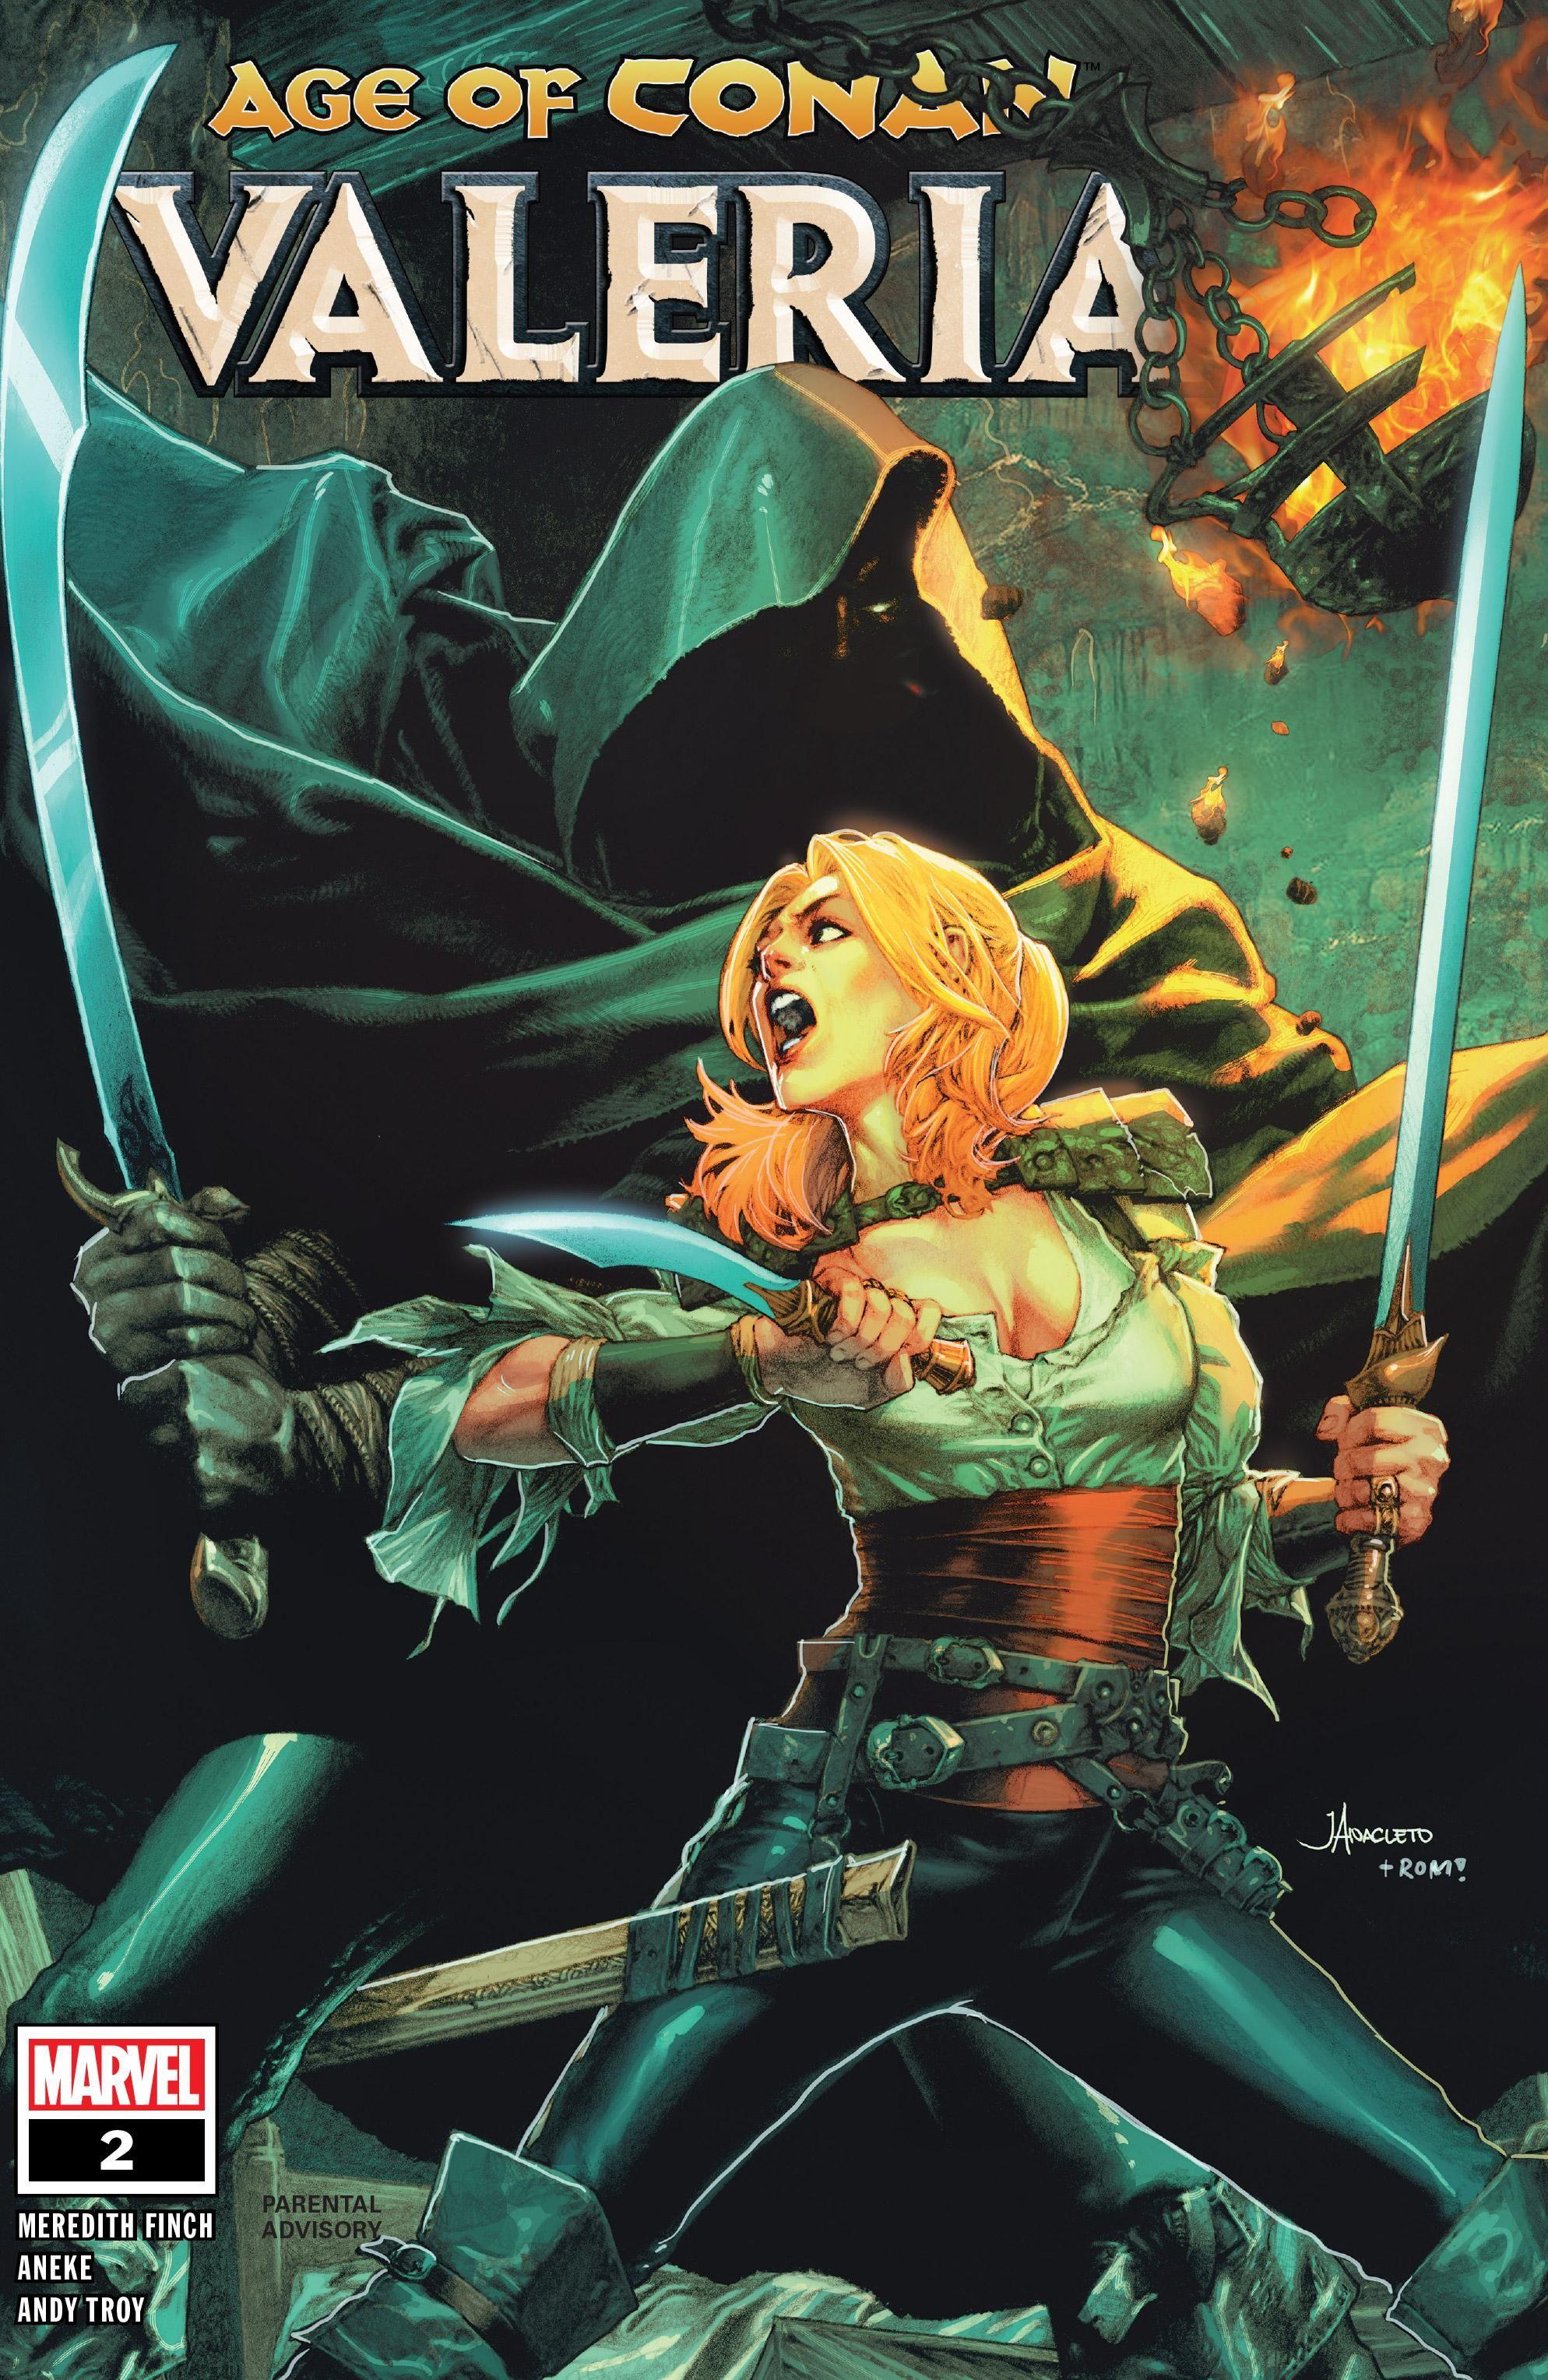 Age of Conan: Valeria Vol 1 2